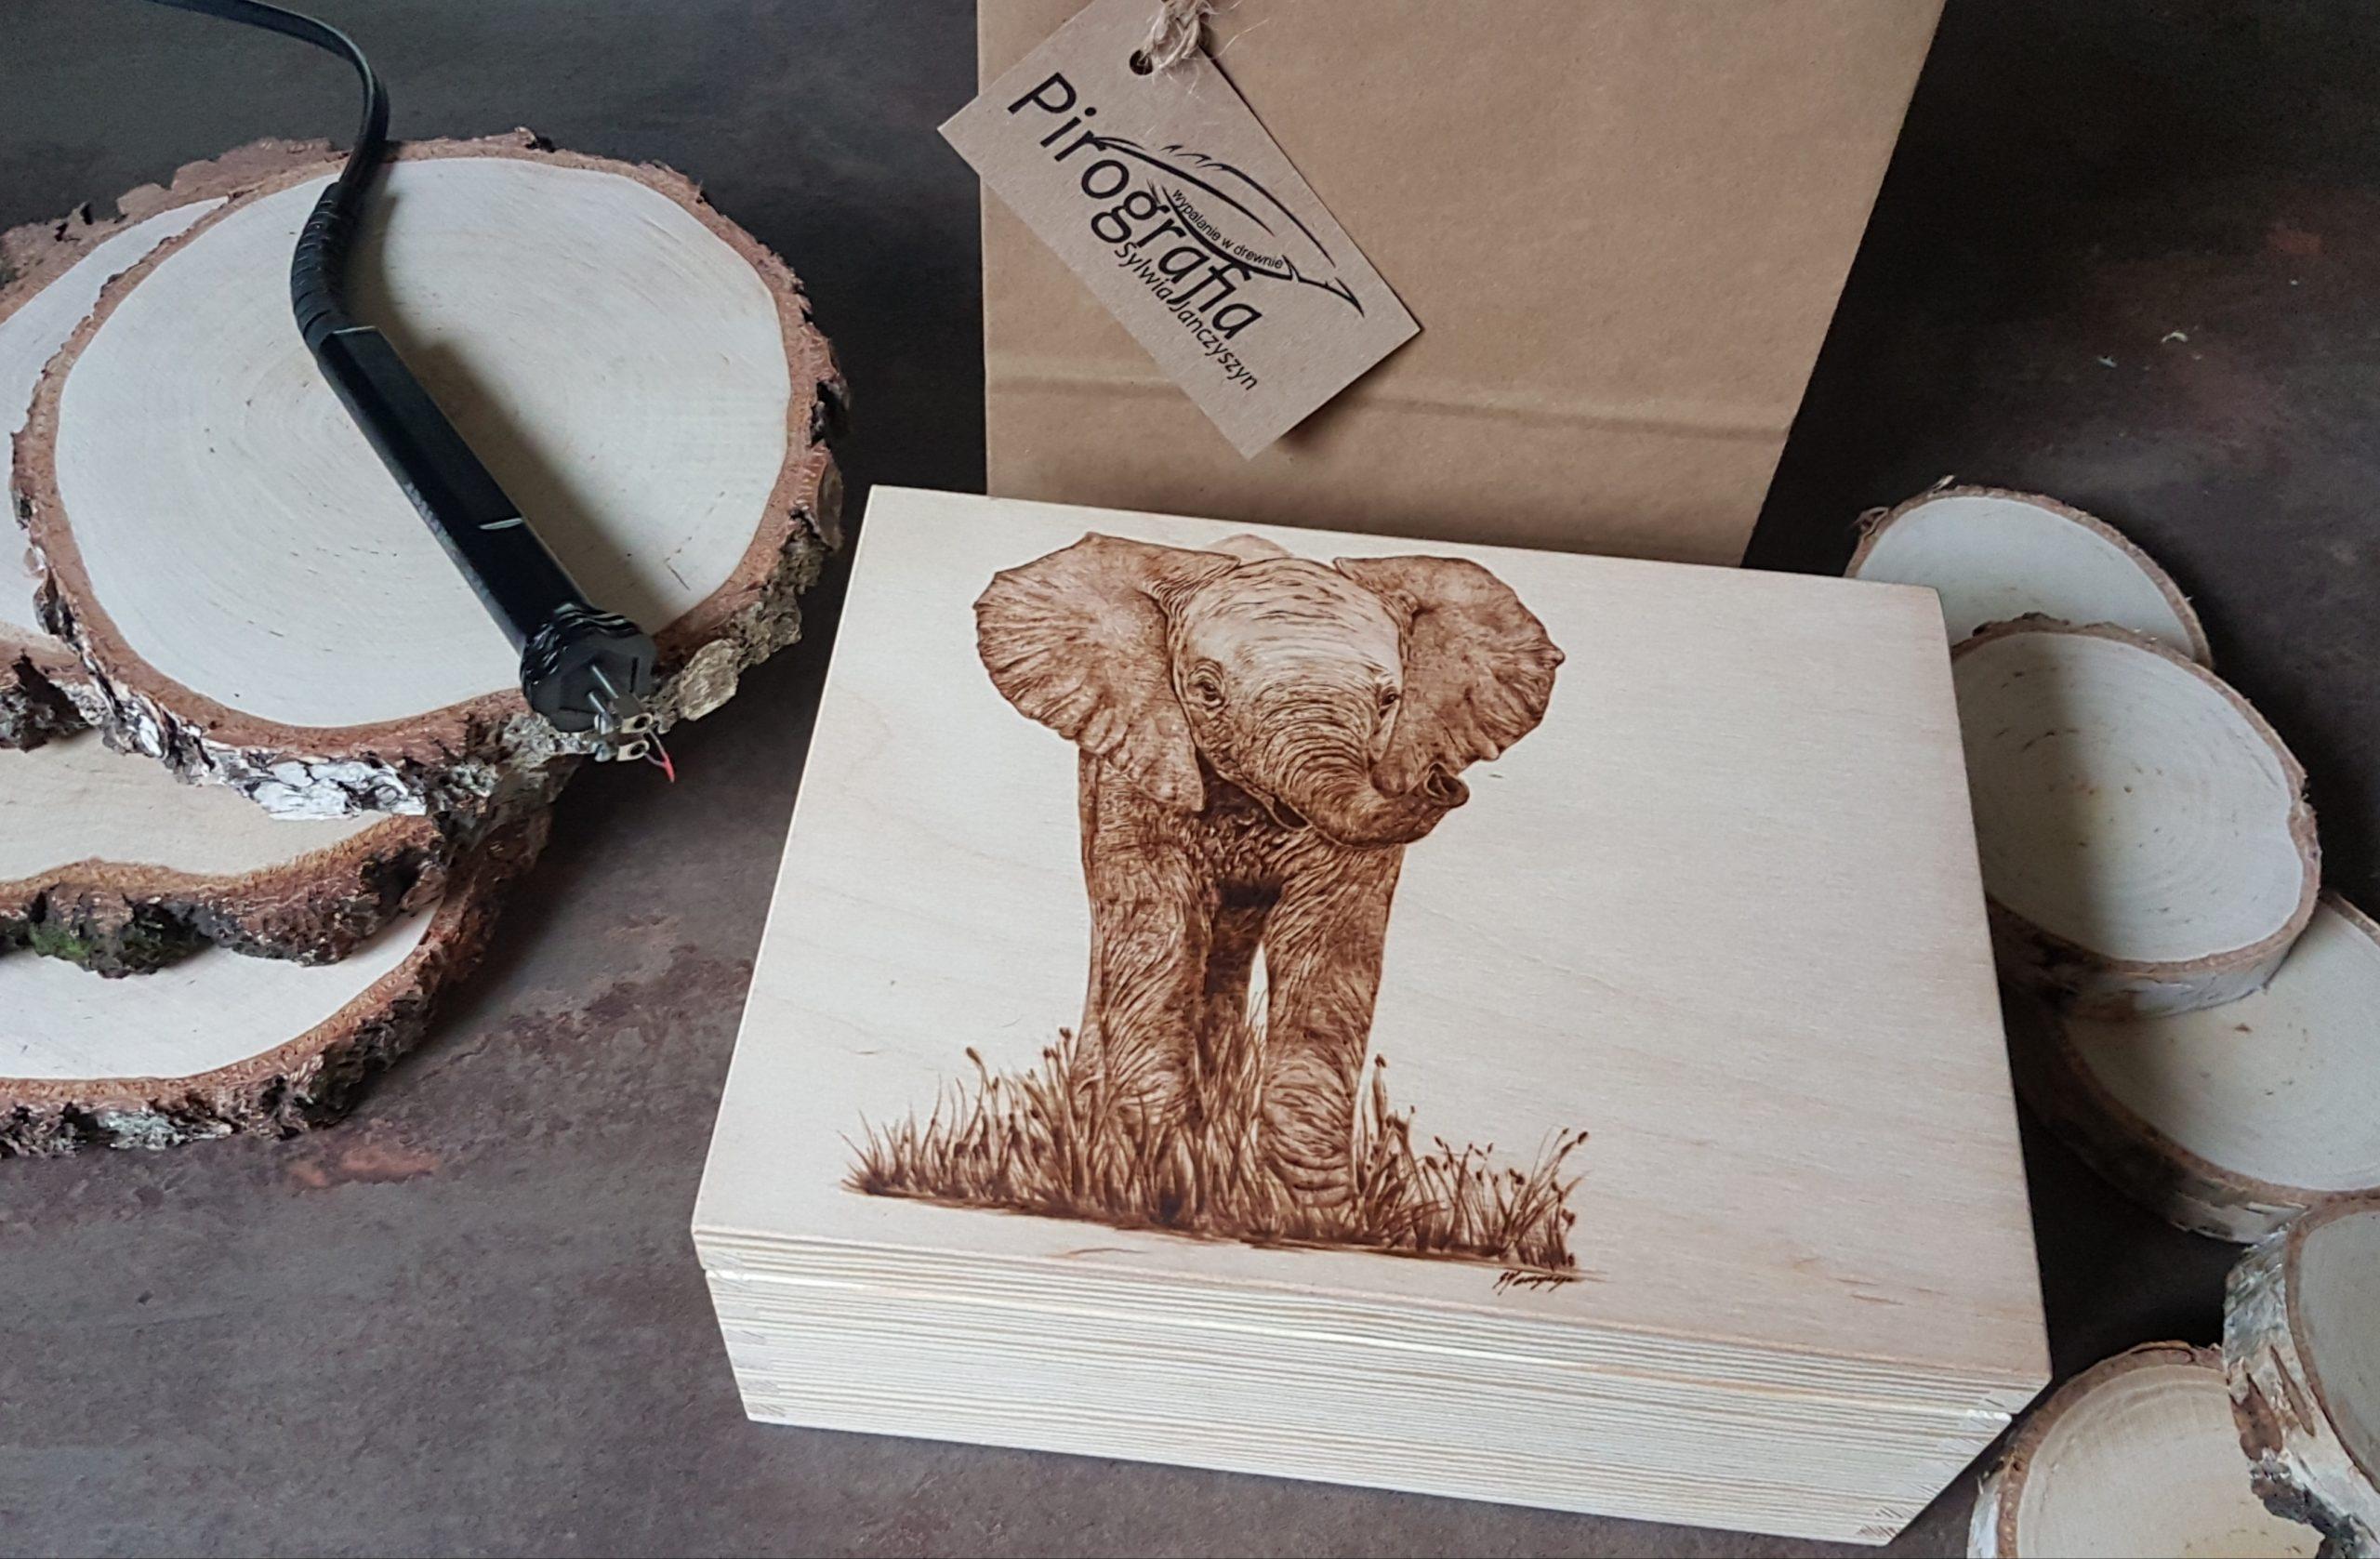 wypalanie w drewnie, sylwia, pirografia, janczyszyn, pyrography, handmade, rękodzieło, pomysł na prezent, pudełko na biżuterię, słoń